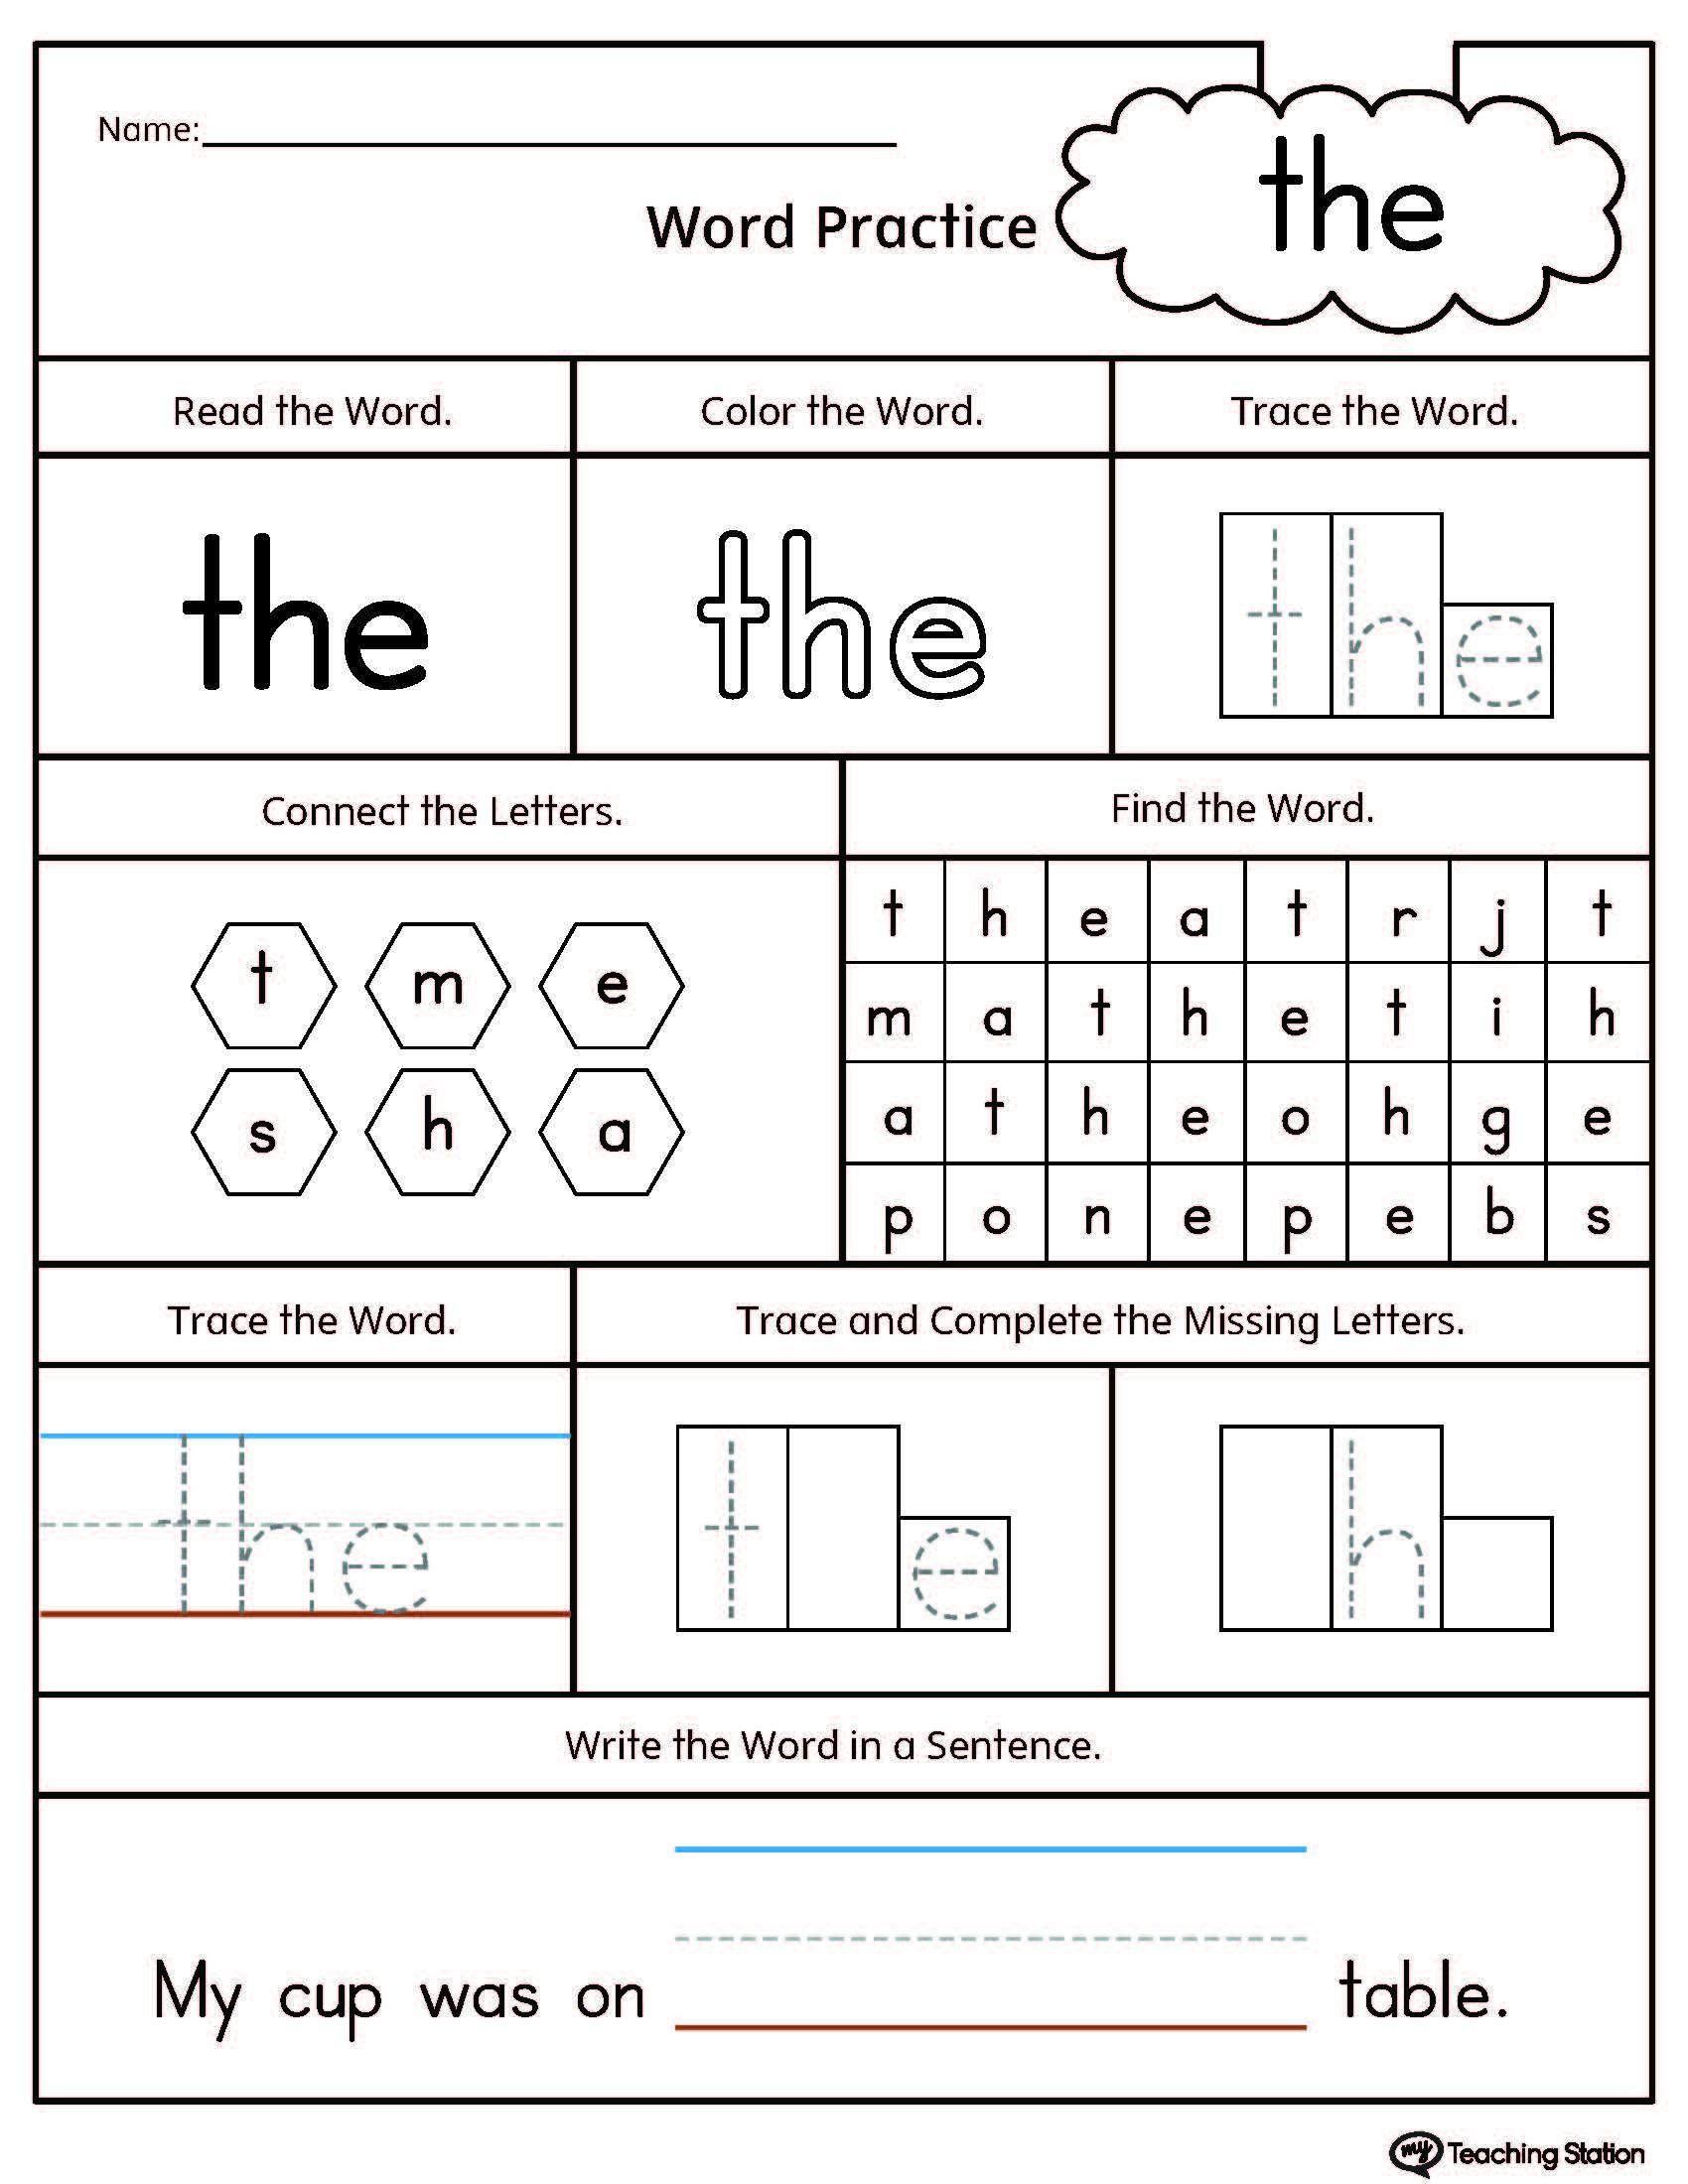 Kindergarten Sight Words Worksheet Free Sight Word the Printable Worksheet